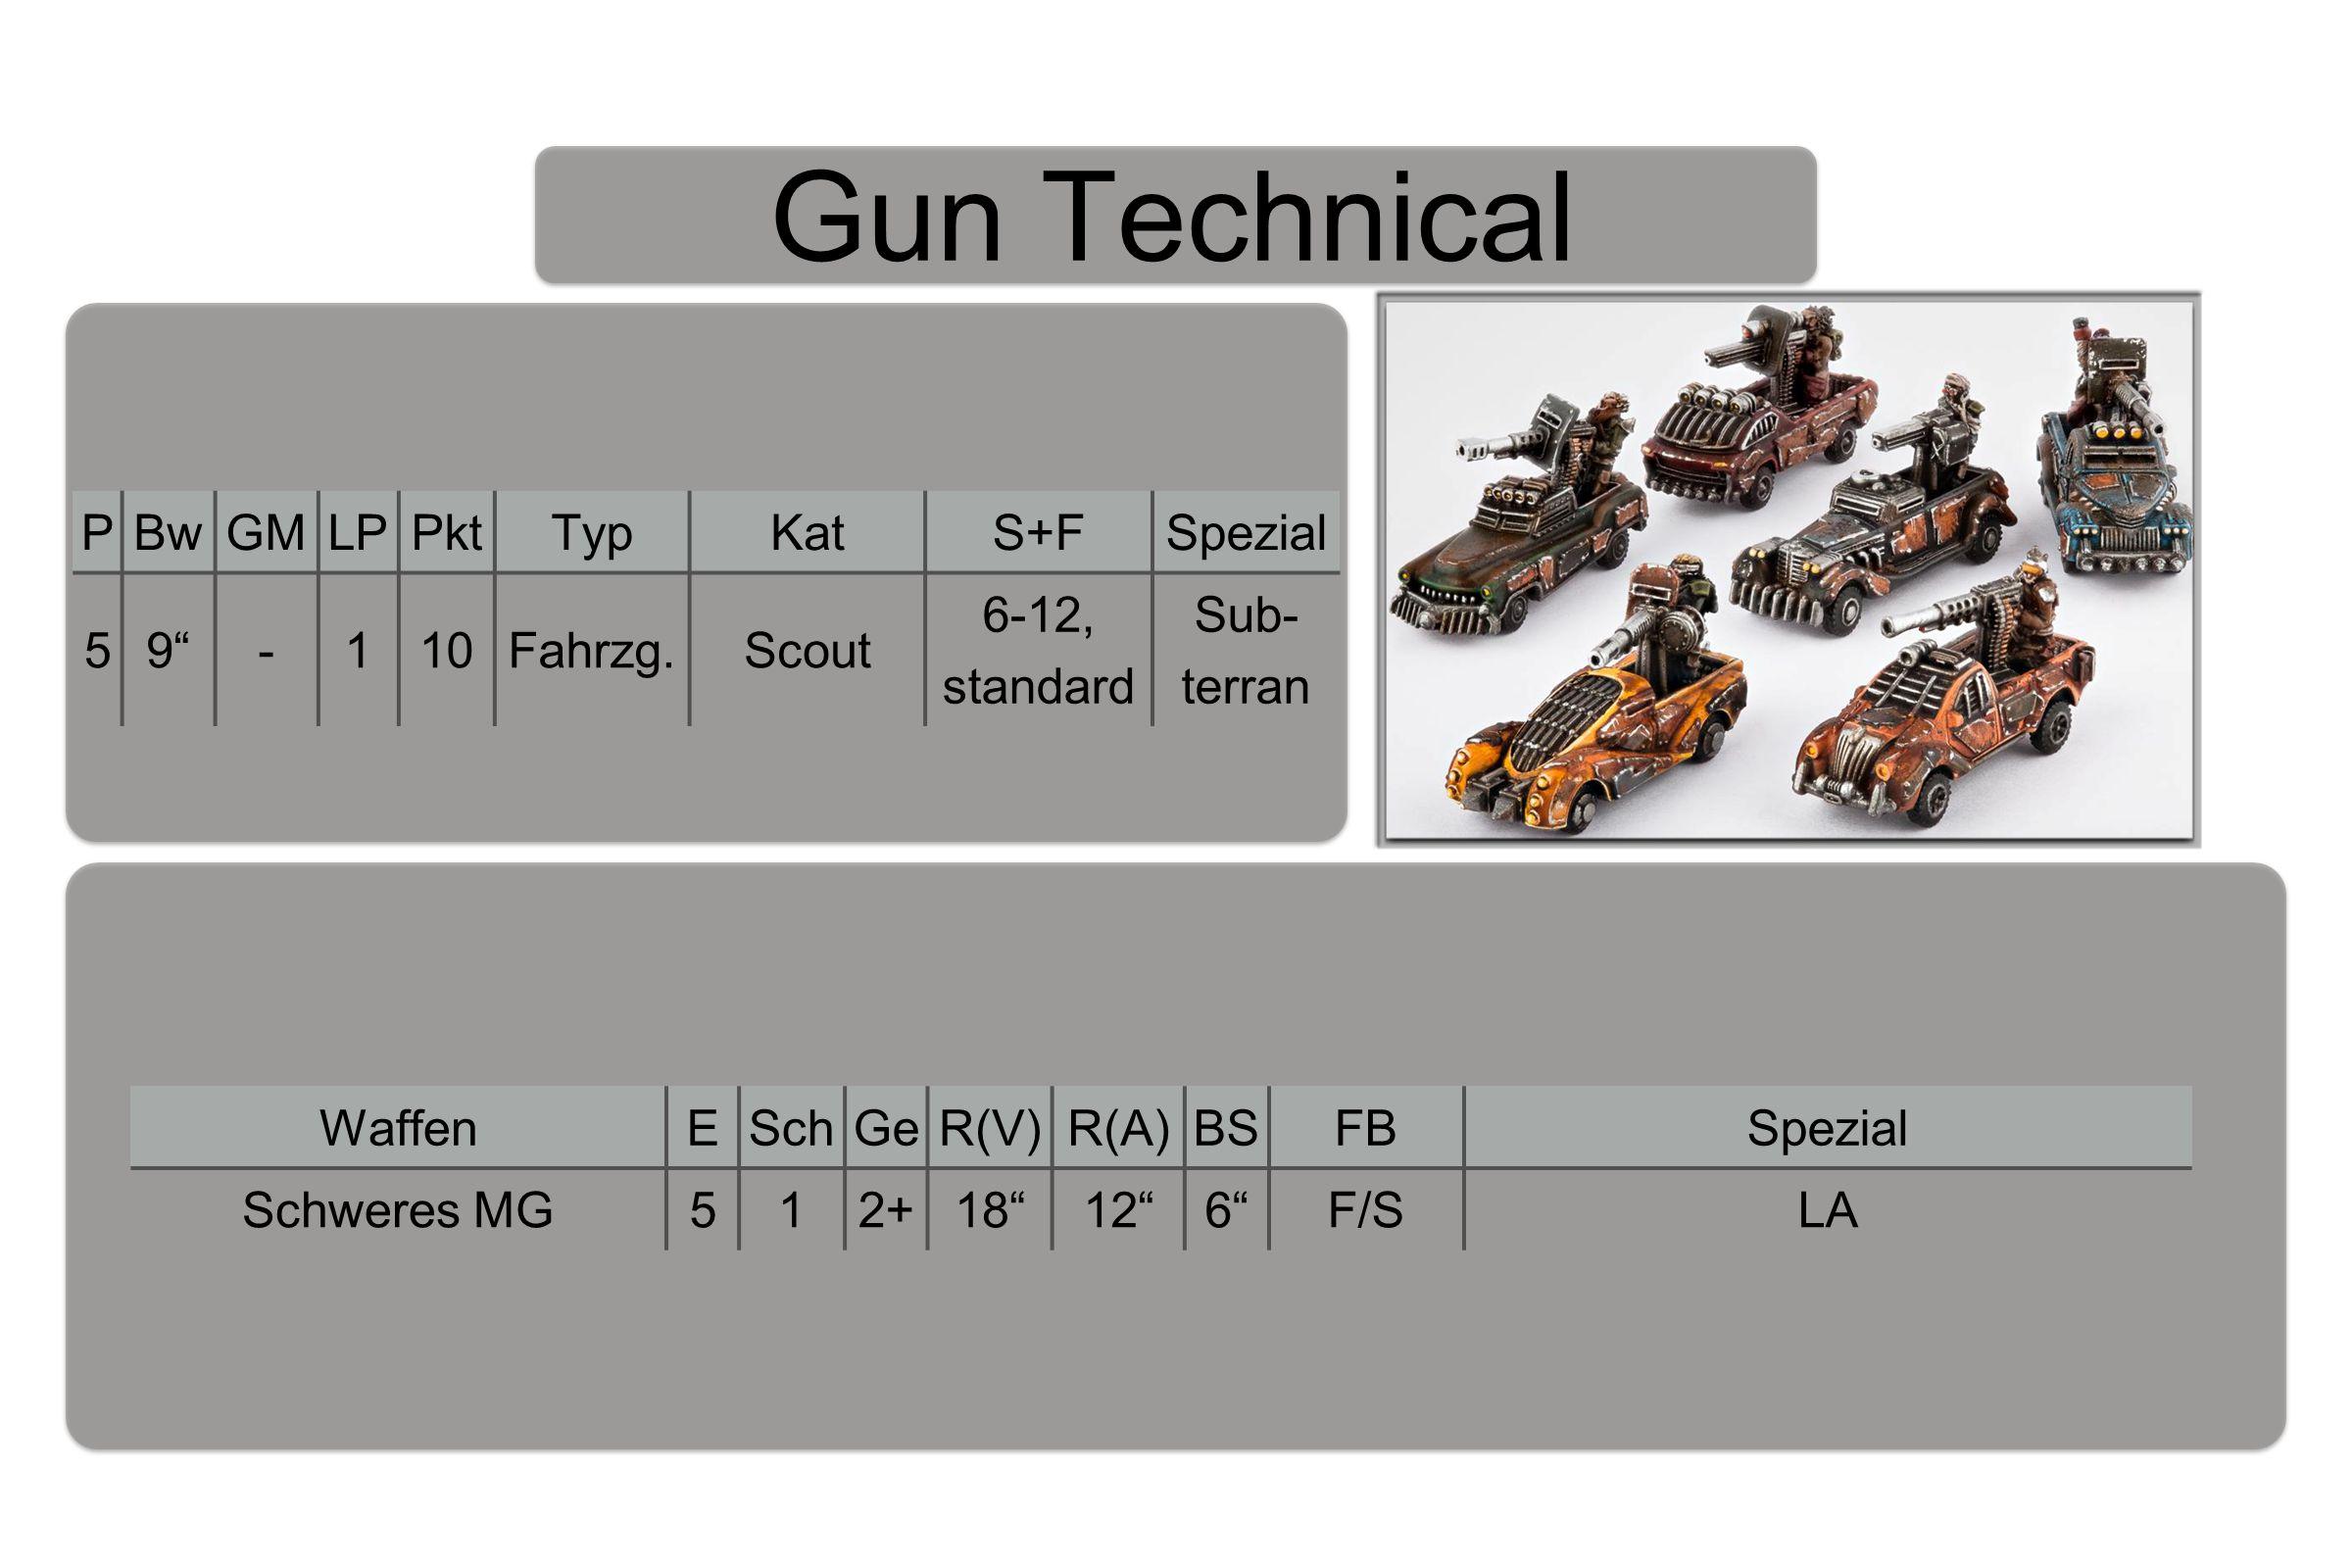 Gun Technical PBwGMLPPktTypKatS+FSpezial 59 -110Fahrzg.Scout 6-12, standard Sub- terran WaffenESchGeR(V)R(A)BSFBSpezial Schweres MG512+18 12 6 F/SLA